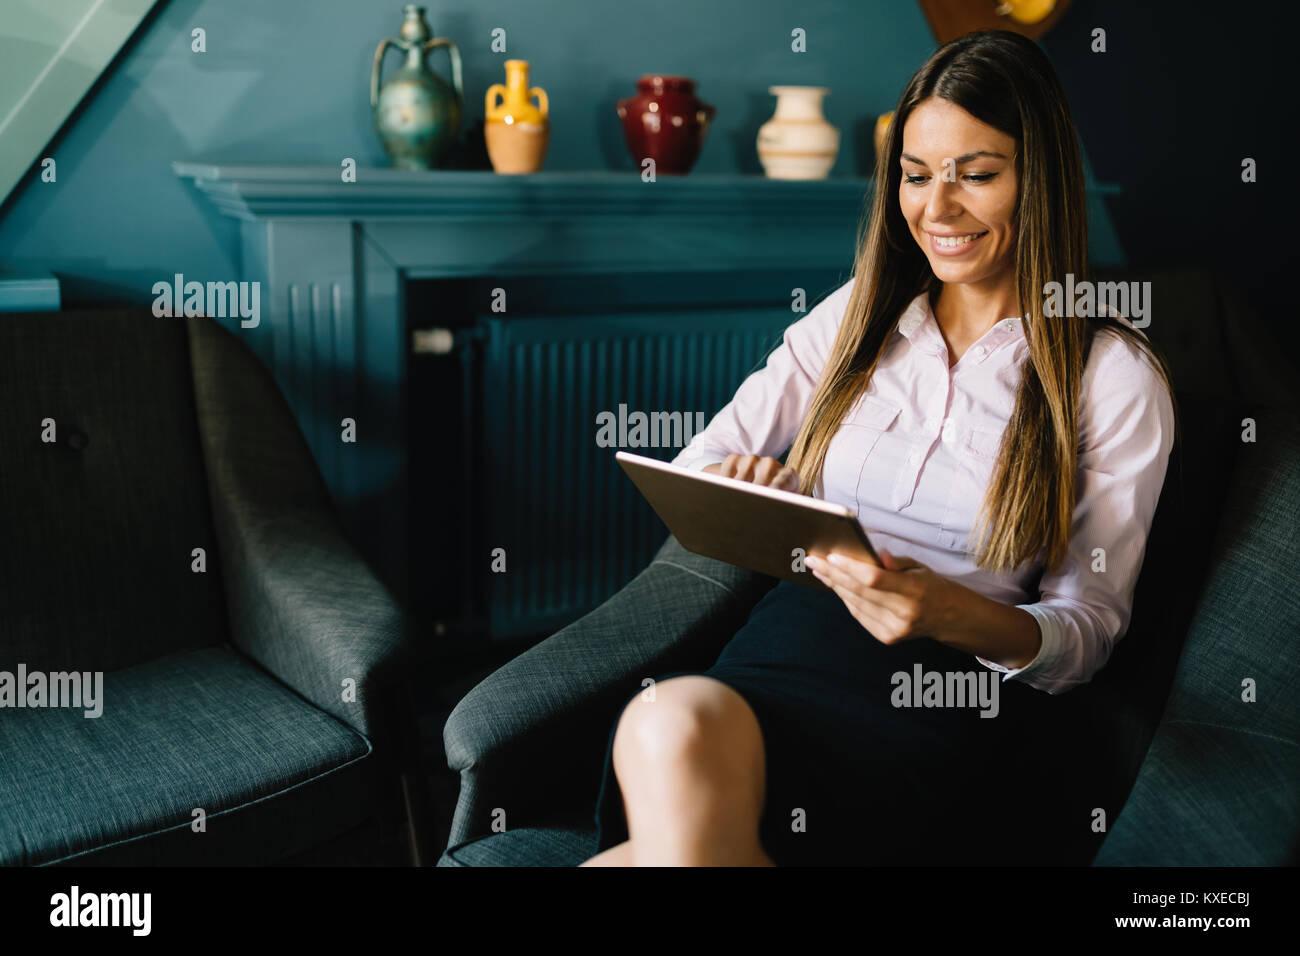 Ritratto di Imprenditrice di successo azienda tavoletta digitale Immagini Stock